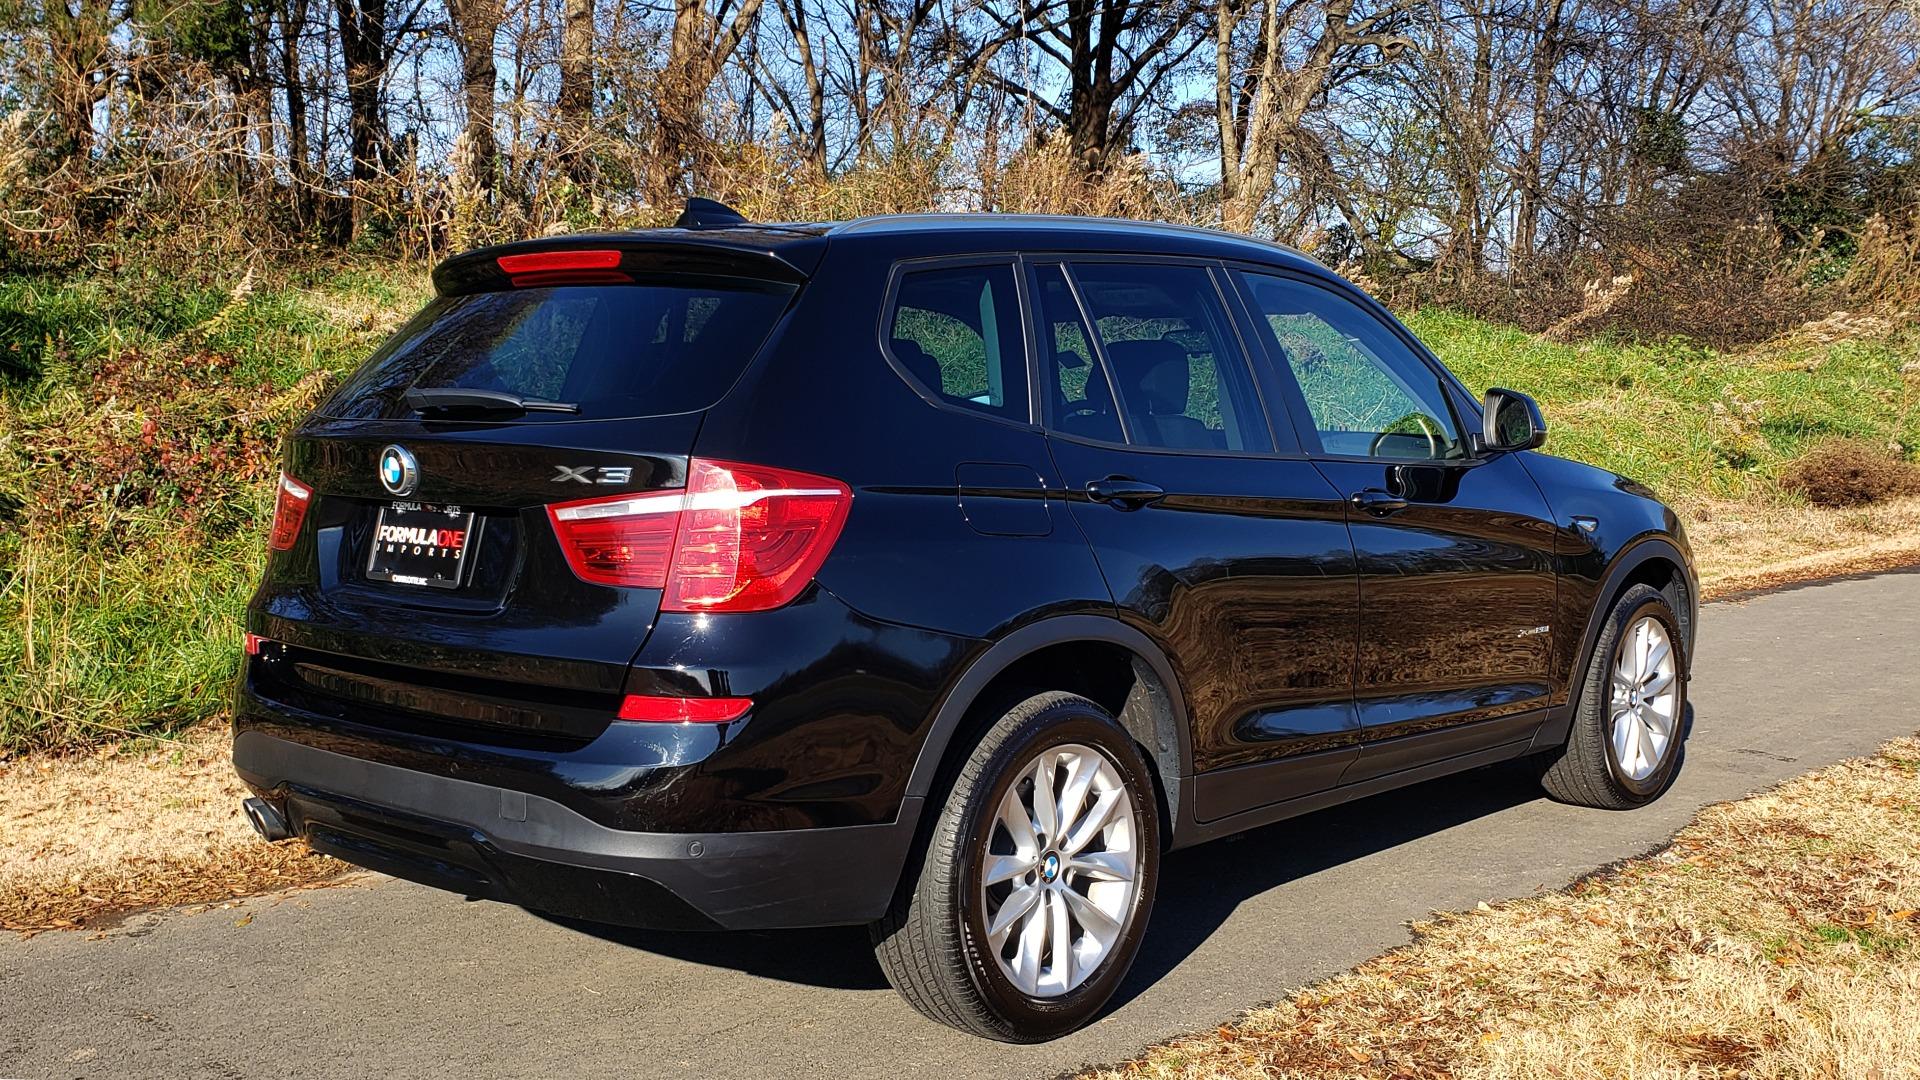 Used 2017 BMW X3 XDRIVE28I / PREM PKG / NAV / DRVR ASST / HTD STS / CAMERAS for sale Sold at Formula Imports in Charlotte NC 28227 3